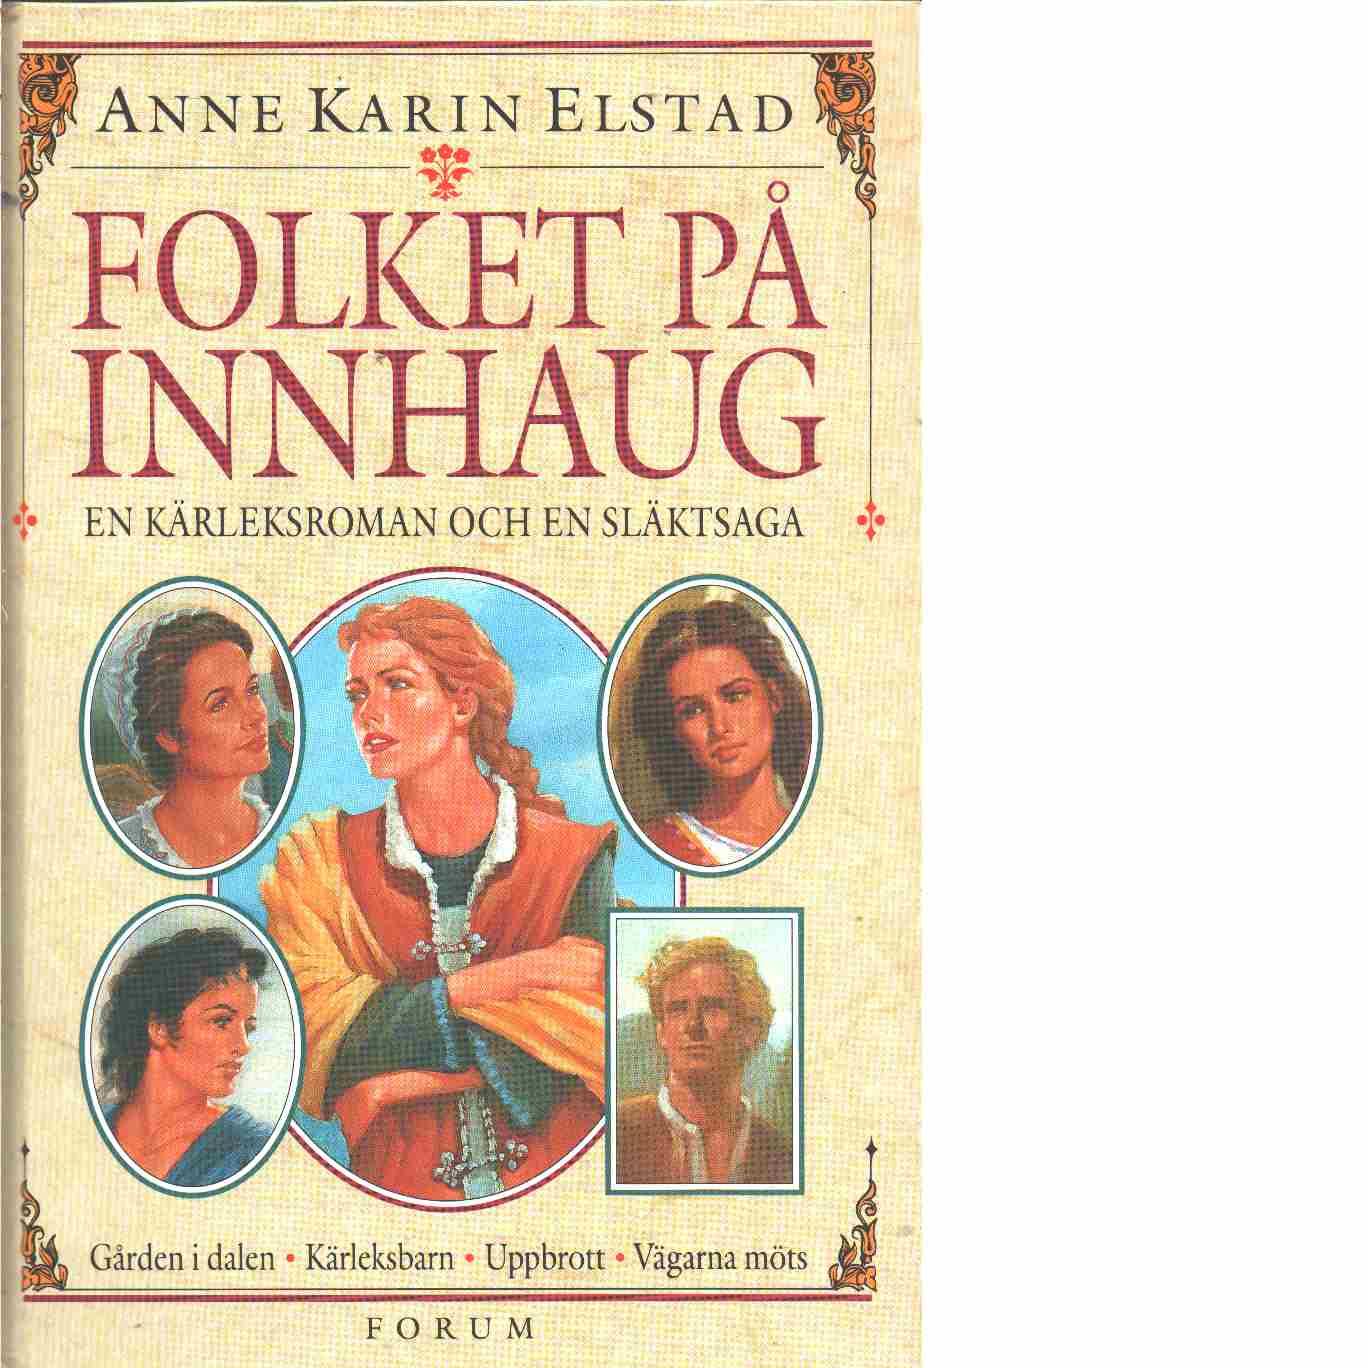 Folket på Innhaug  Gården i dalen - Kärleksbarn - Uppbrott - Vägarna möts  : [en kärleksroman och en släktsaga] - Elstad, Anne Karin